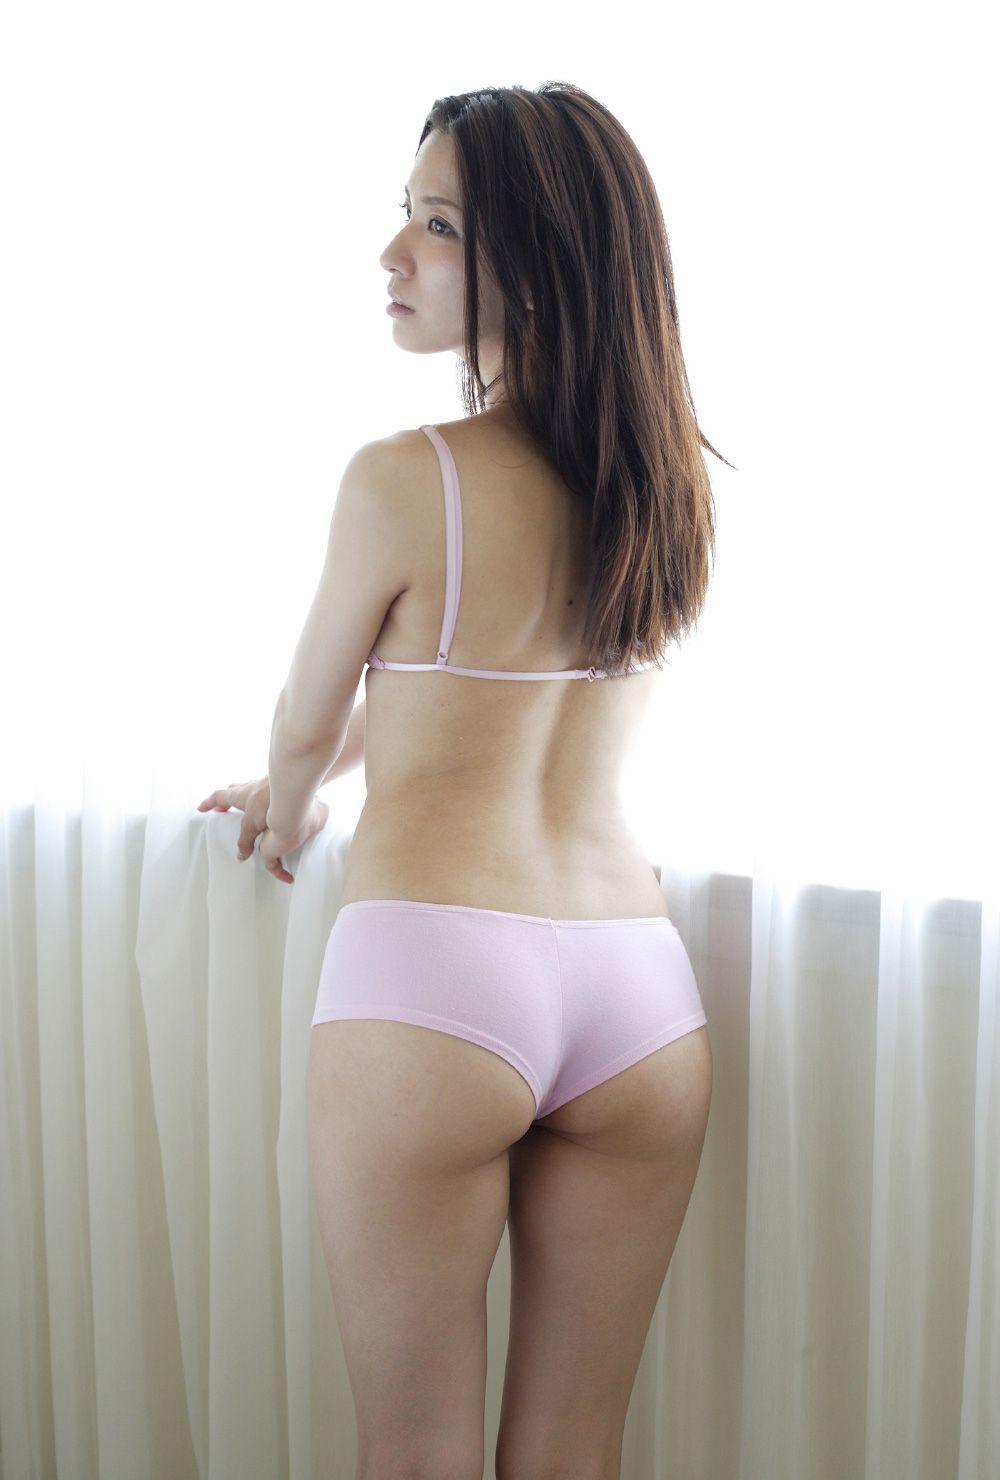 グラビアアイドル写真集 日本一の美尻の持ち主の戸田れいちゃんのグラビアまとめパート3 100枚Number201-251